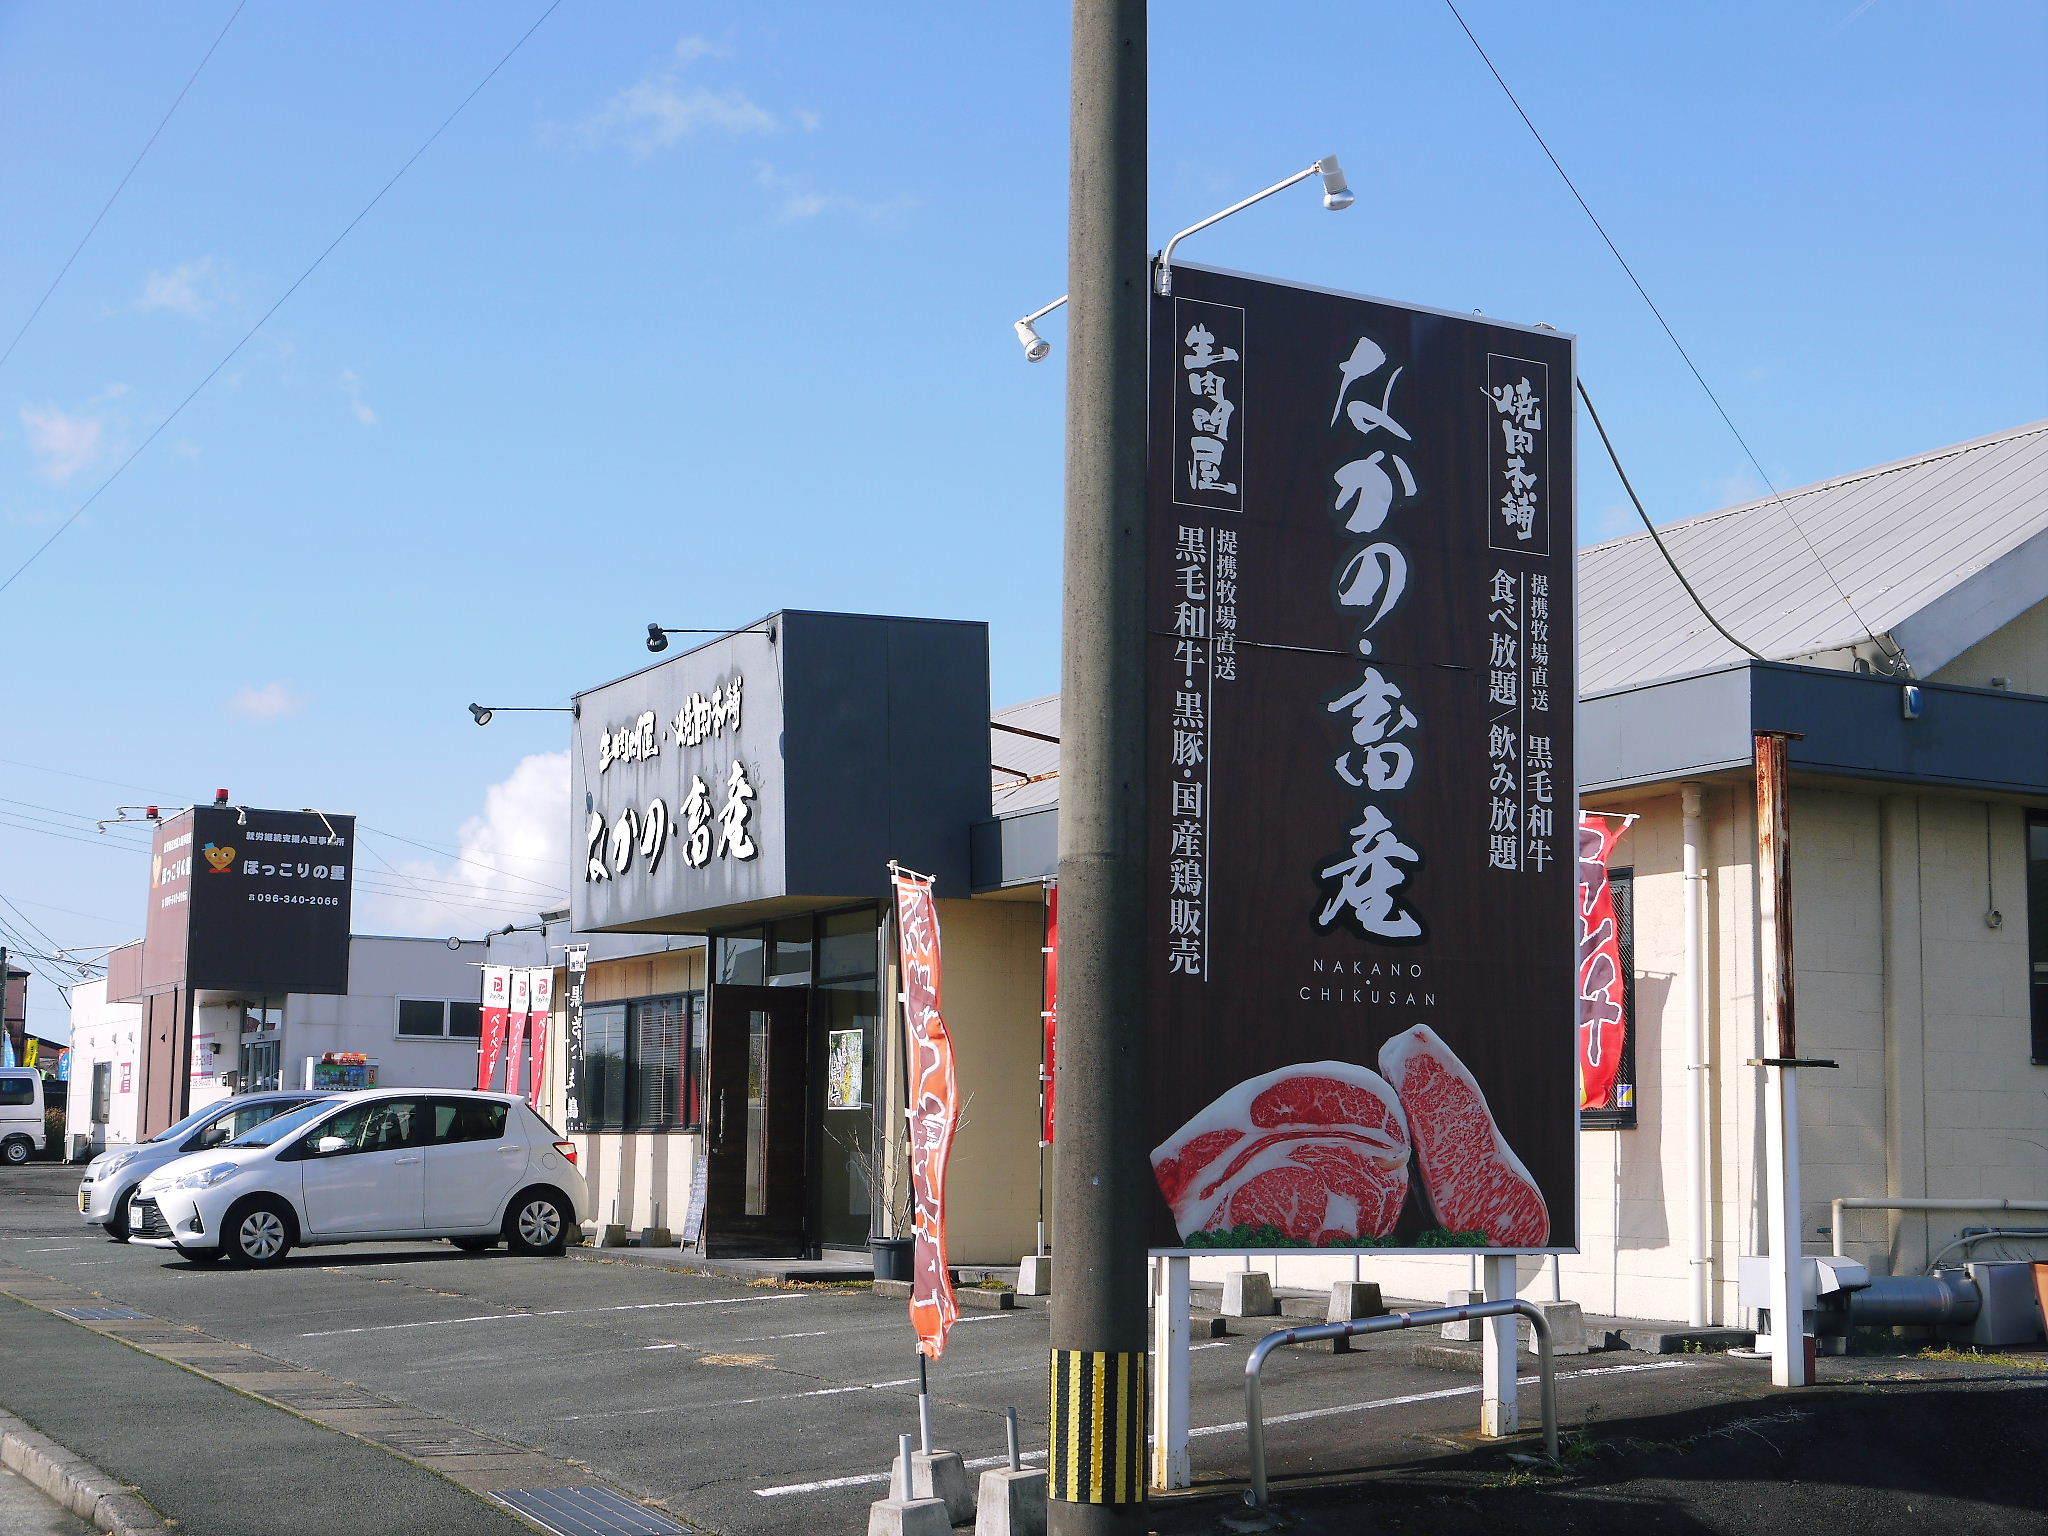 熊本県産の黒毛和牛を100%のハンバーグステーキ!次回出荷日決定!9月23日(水)に数量限定で出荷です!_a0254656_19455215.jpg